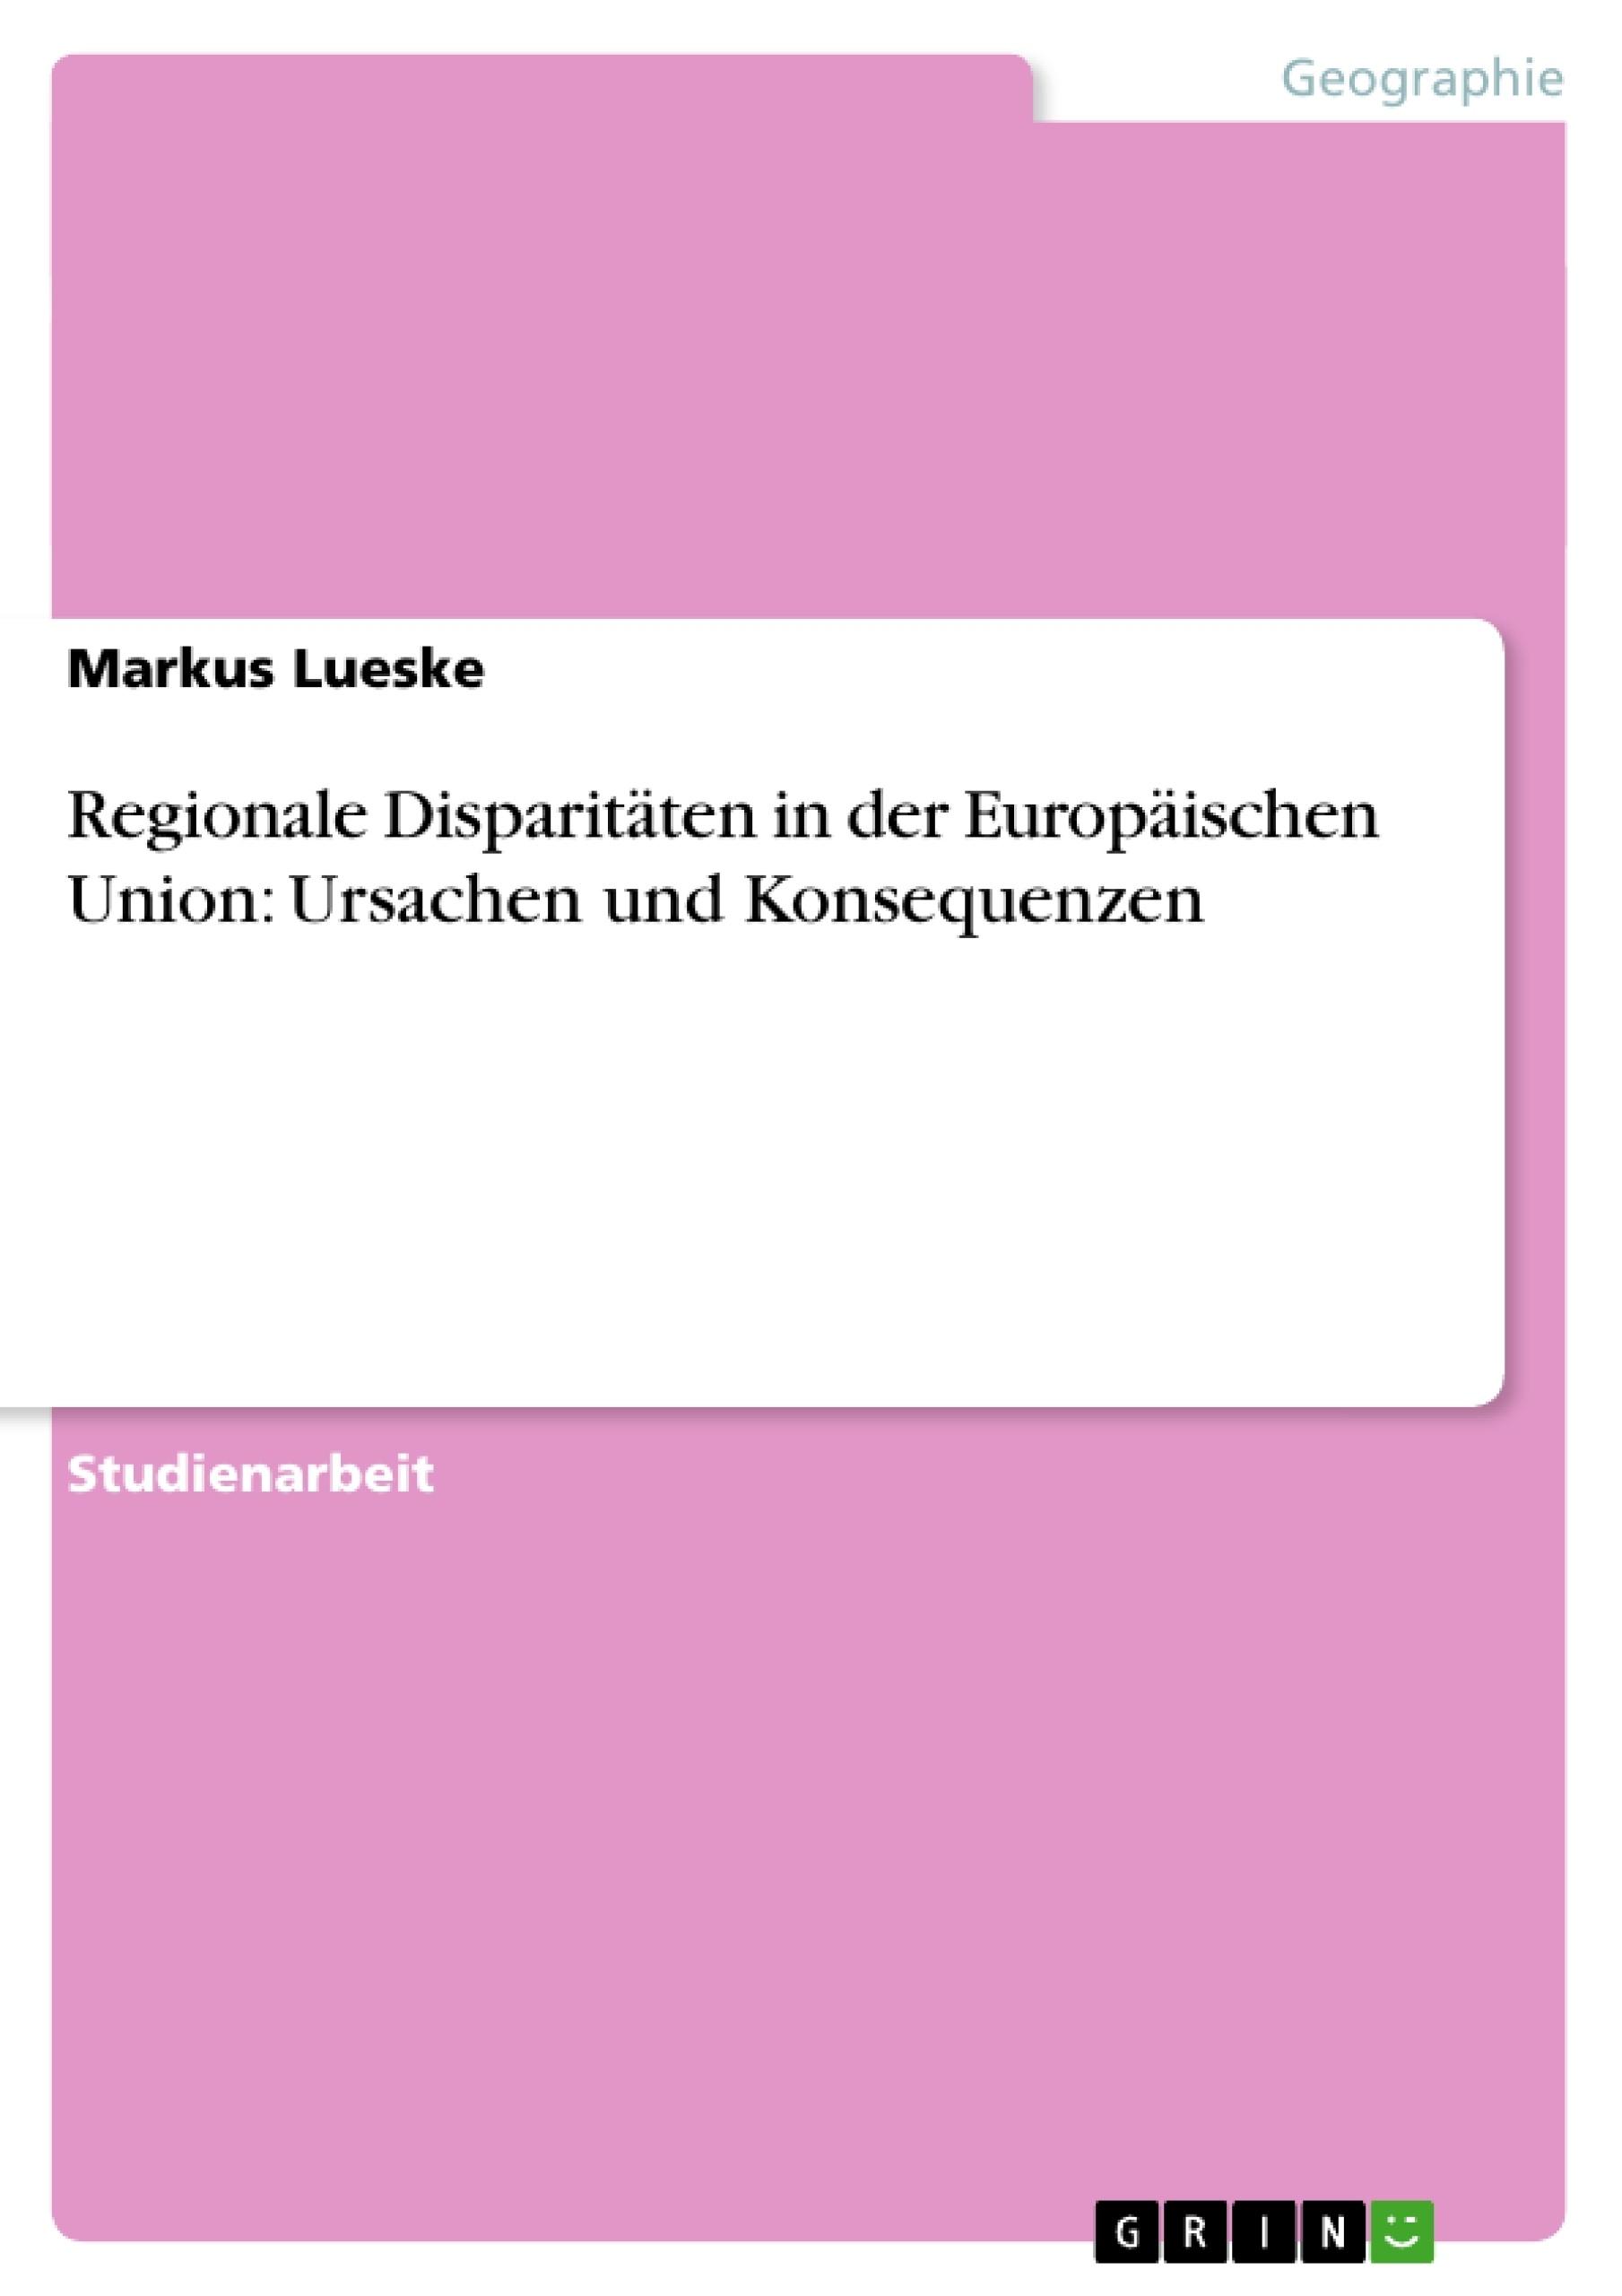 Titel: Regionale Disparitäten in der Europäischen Union:  Ursachen und Konsequenzen